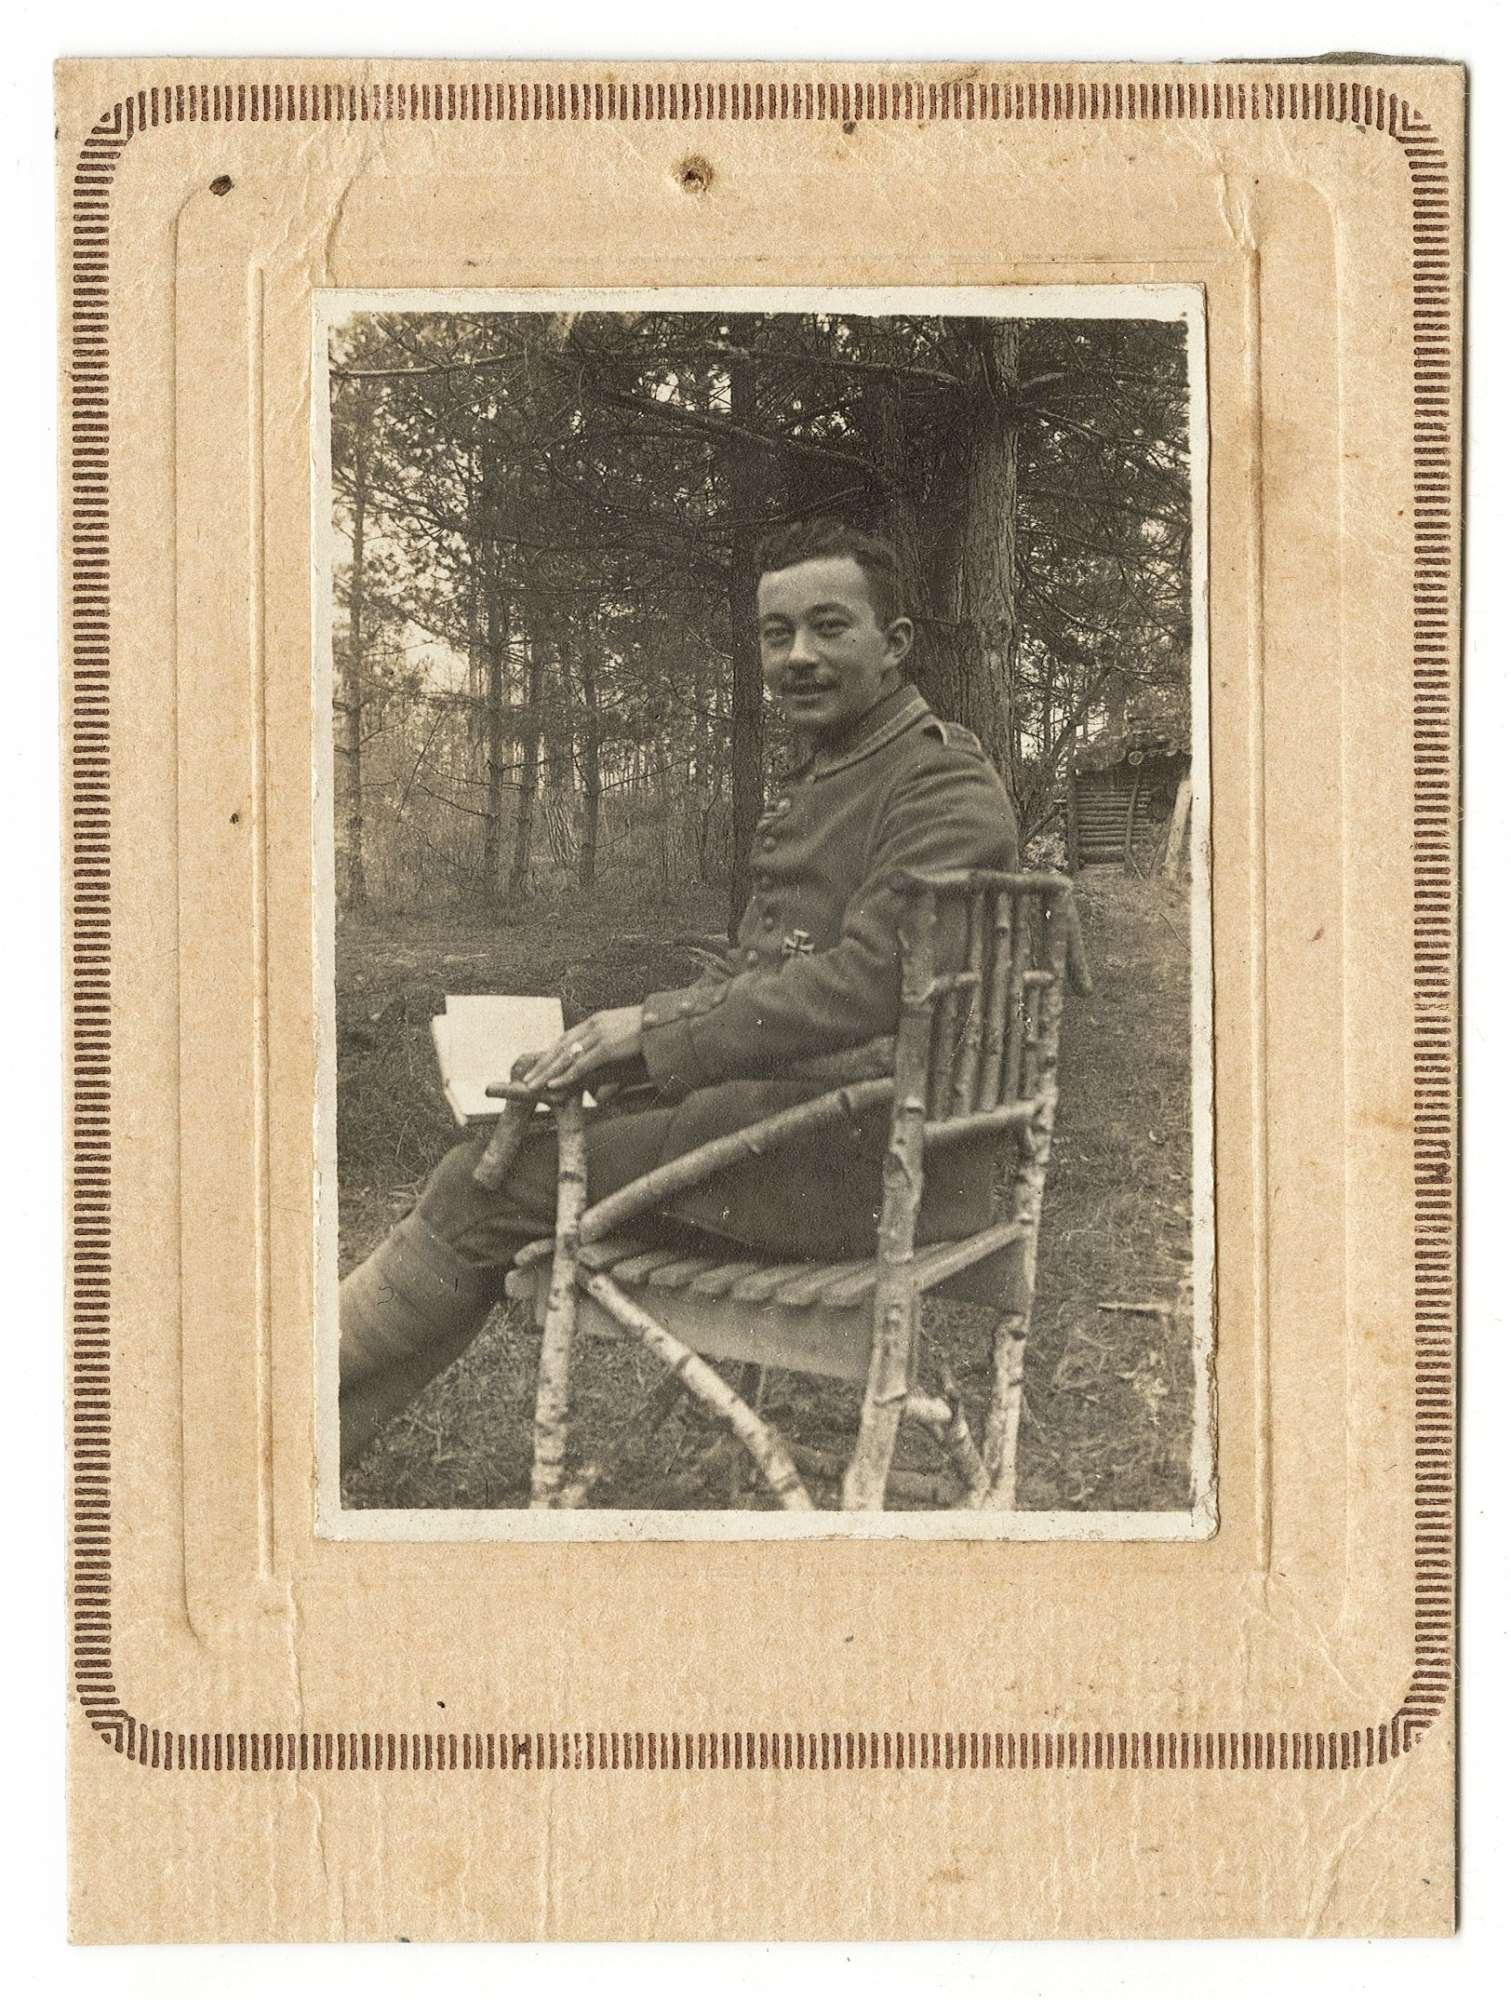 Bausch, Walter, Bild 1